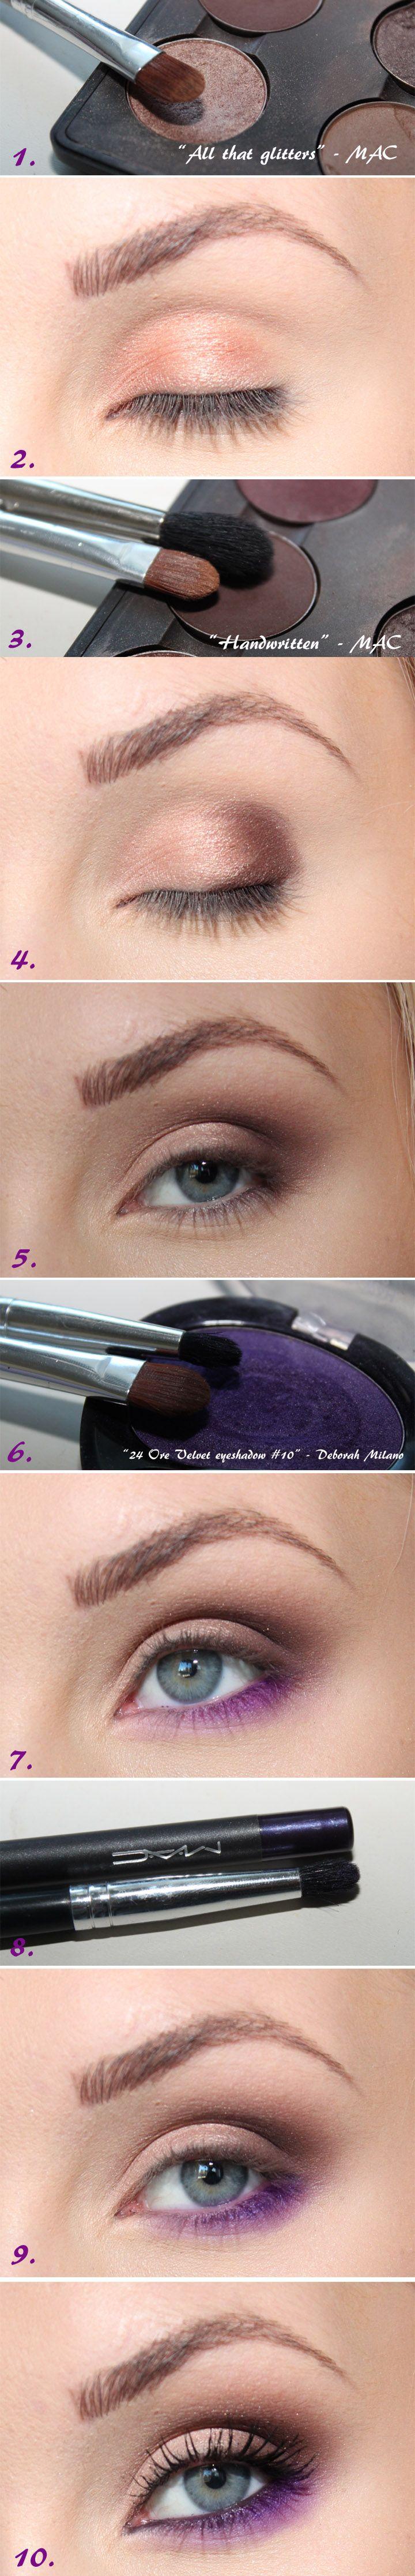 Maquigem Neutra com um toque de cor.  PS: A cor usada rente a raíz dos cílios, pode ser substituída.